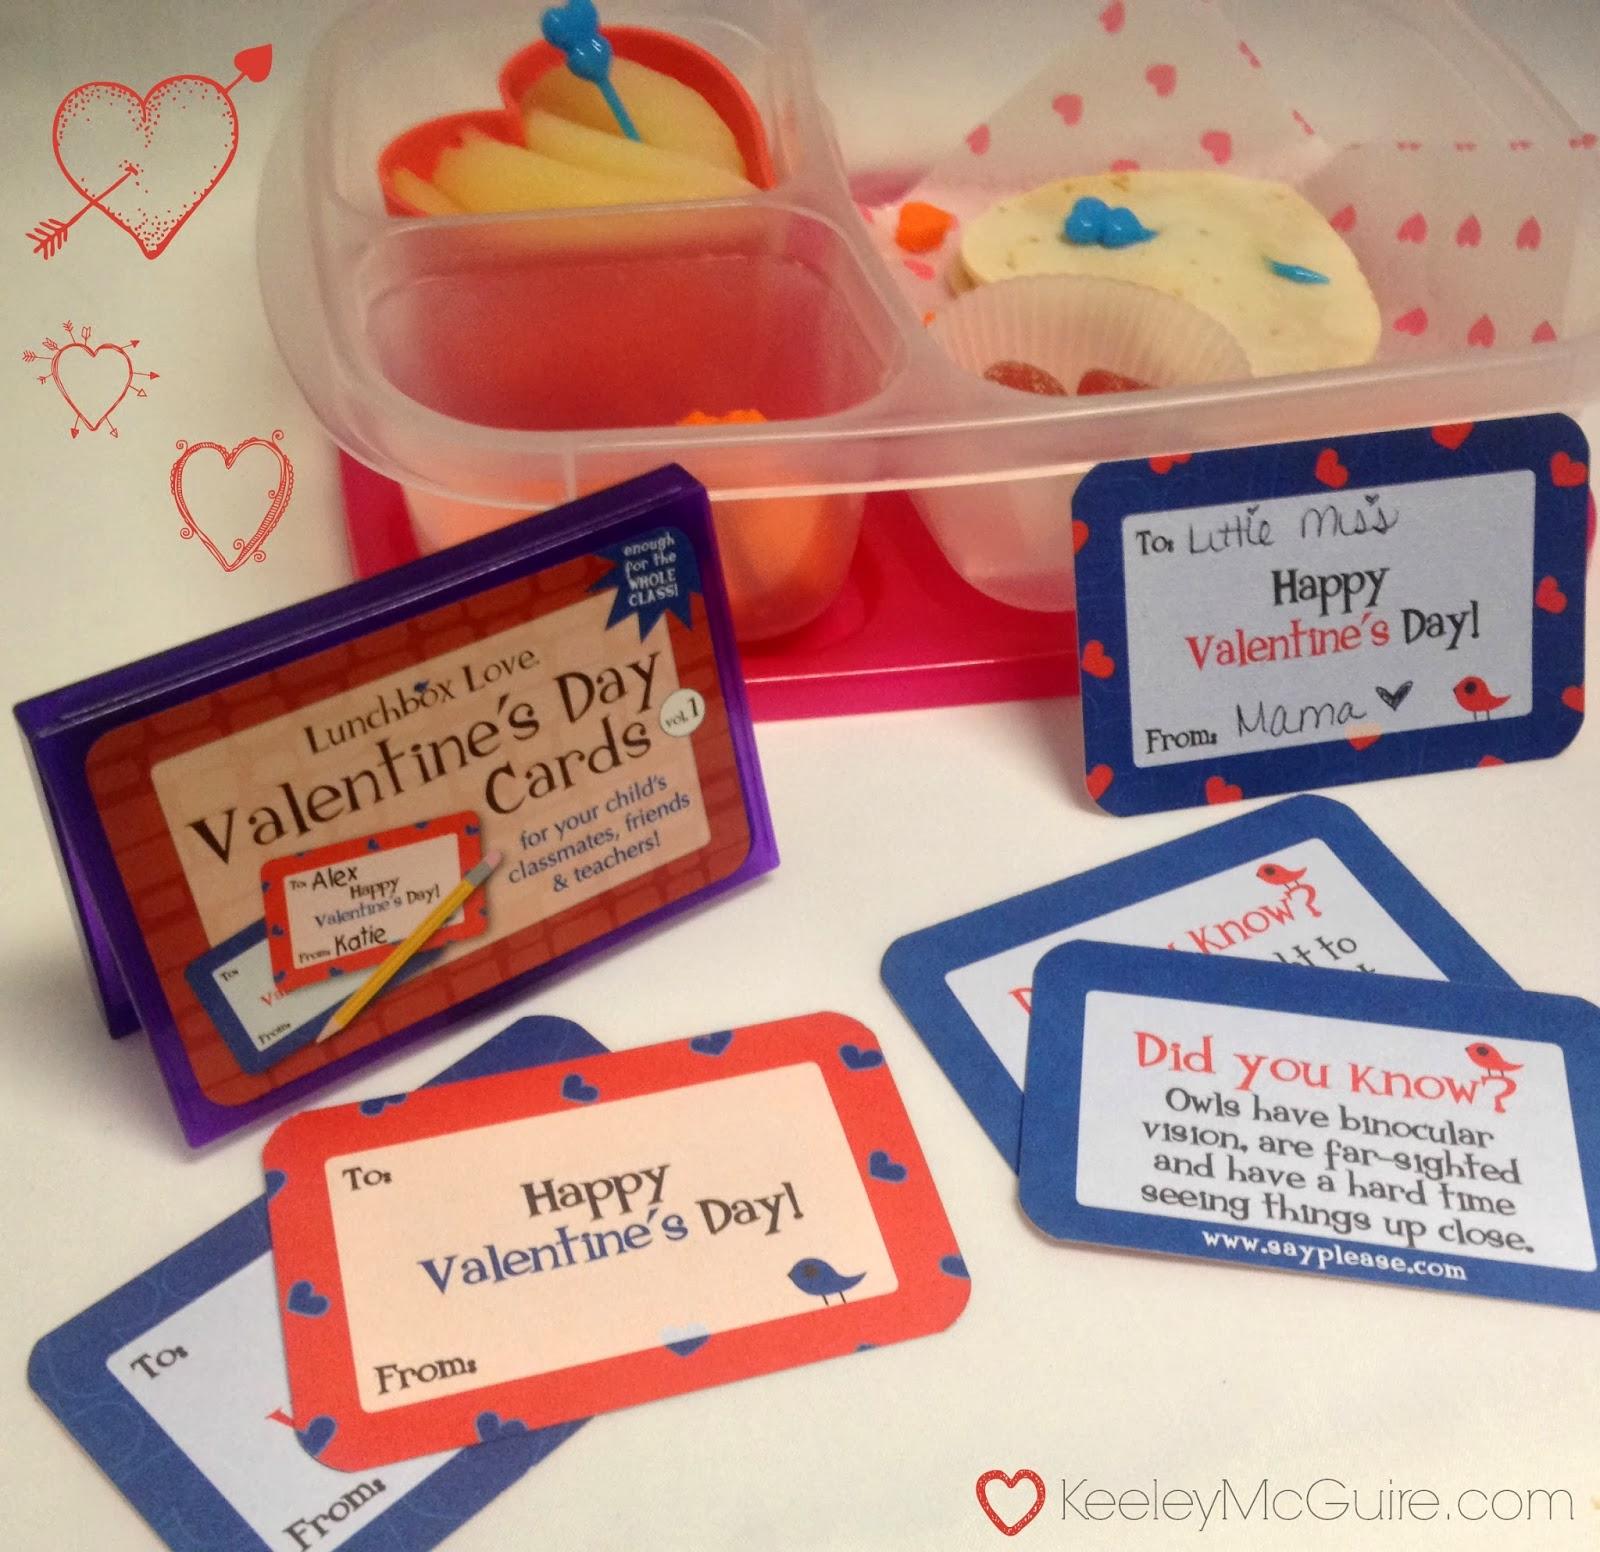 Gluten Free  Allergy Friendly Lunchbox Love Valentines Day